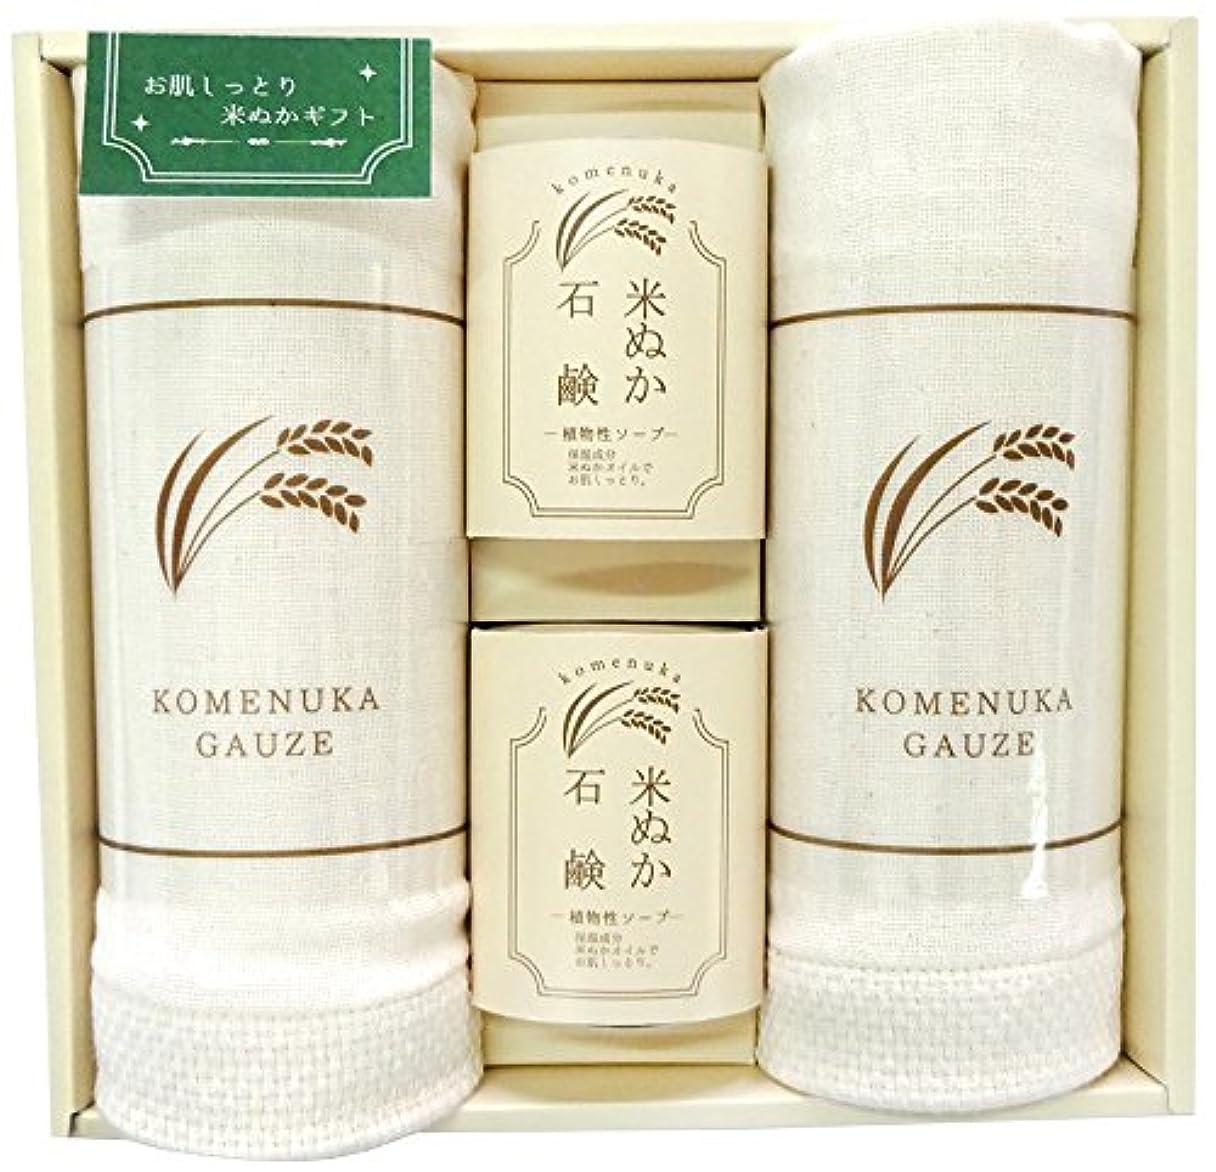 経済的ダウンタウン拡散する米ぬか健康ギフト (ウォッシュタオル×2?石鹸×2) KOMG-150